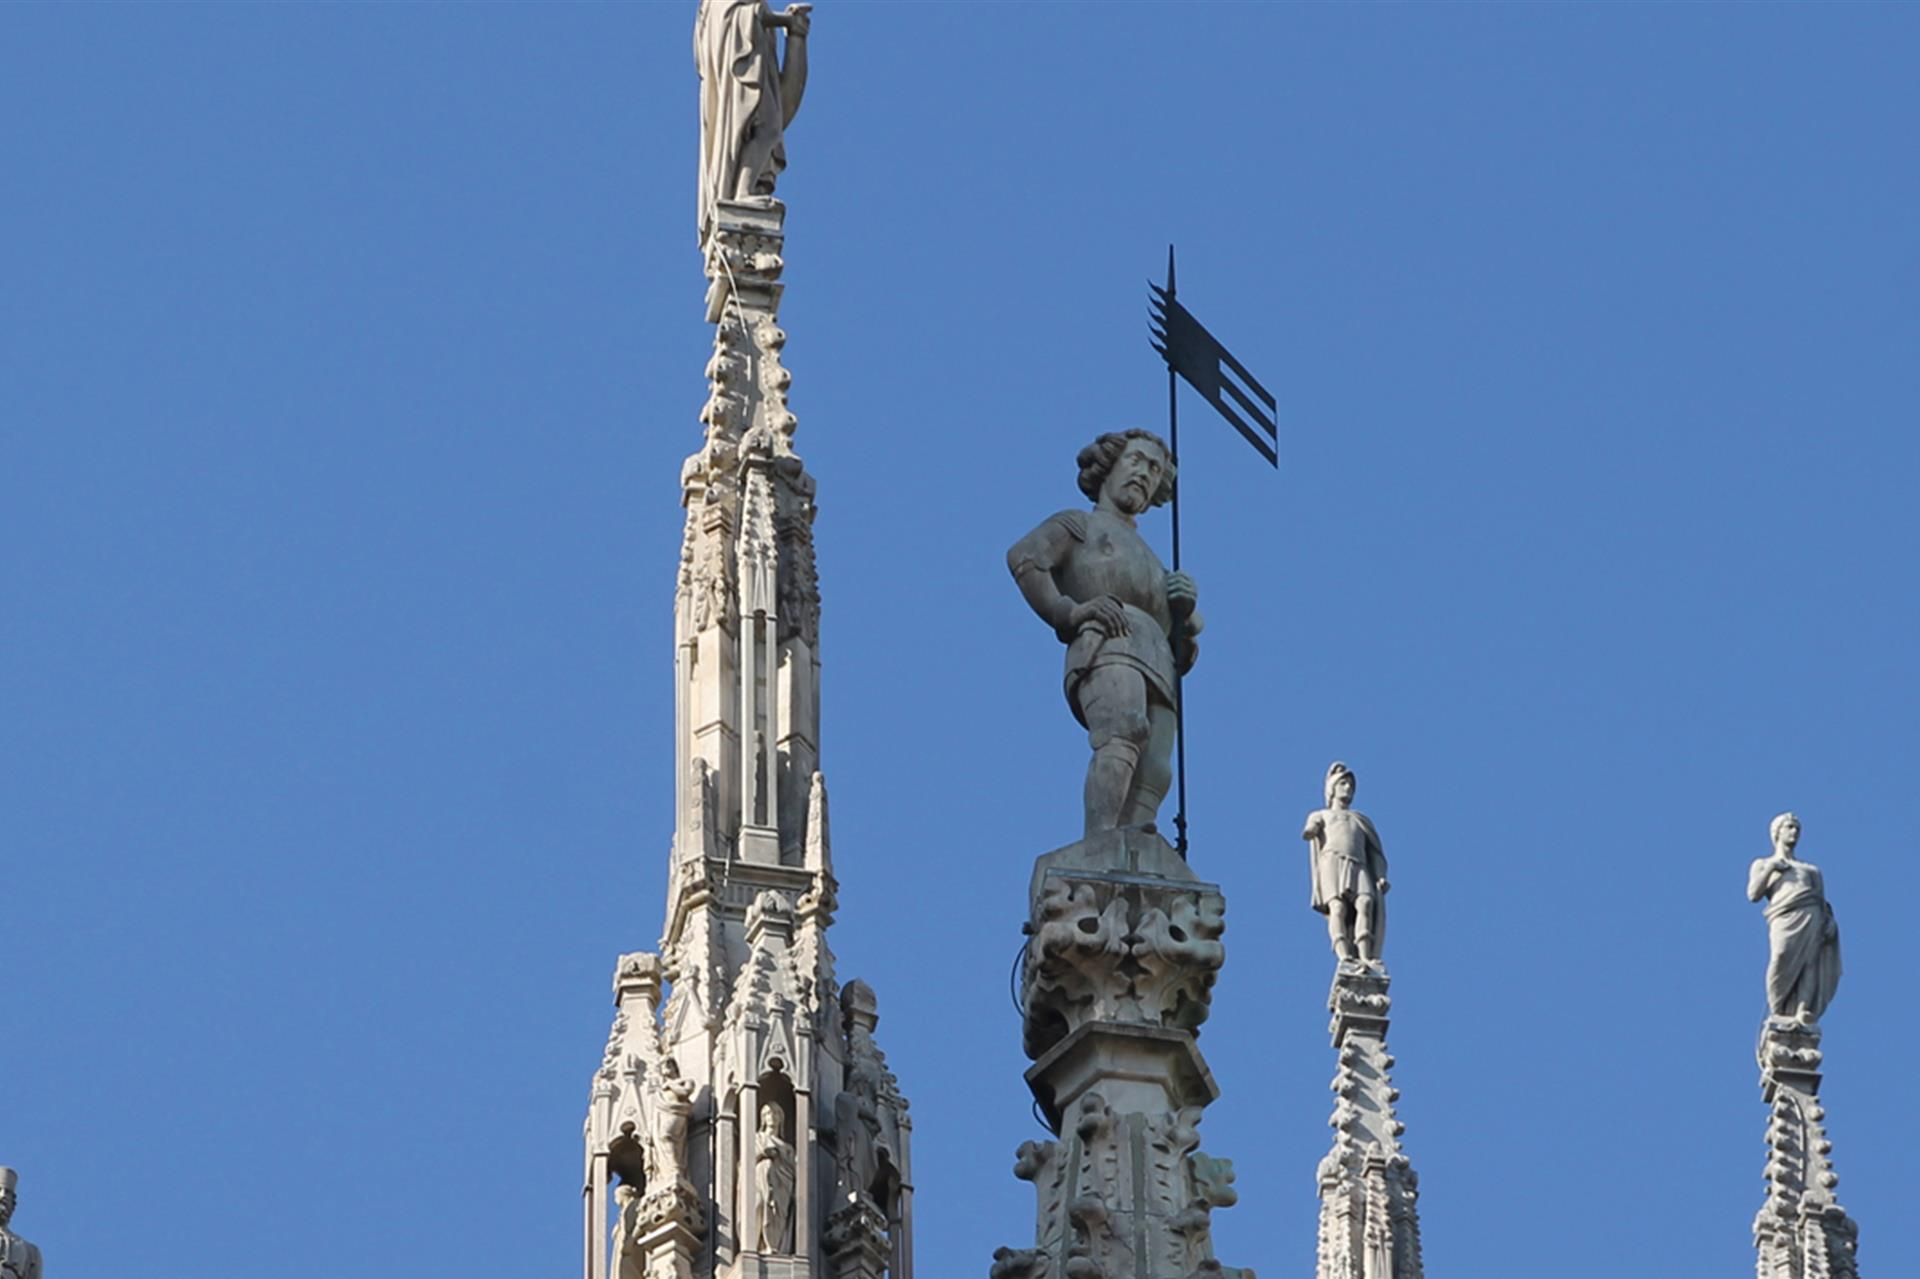 FS 2018 Dec30 Duomo Piazza 05 Copia